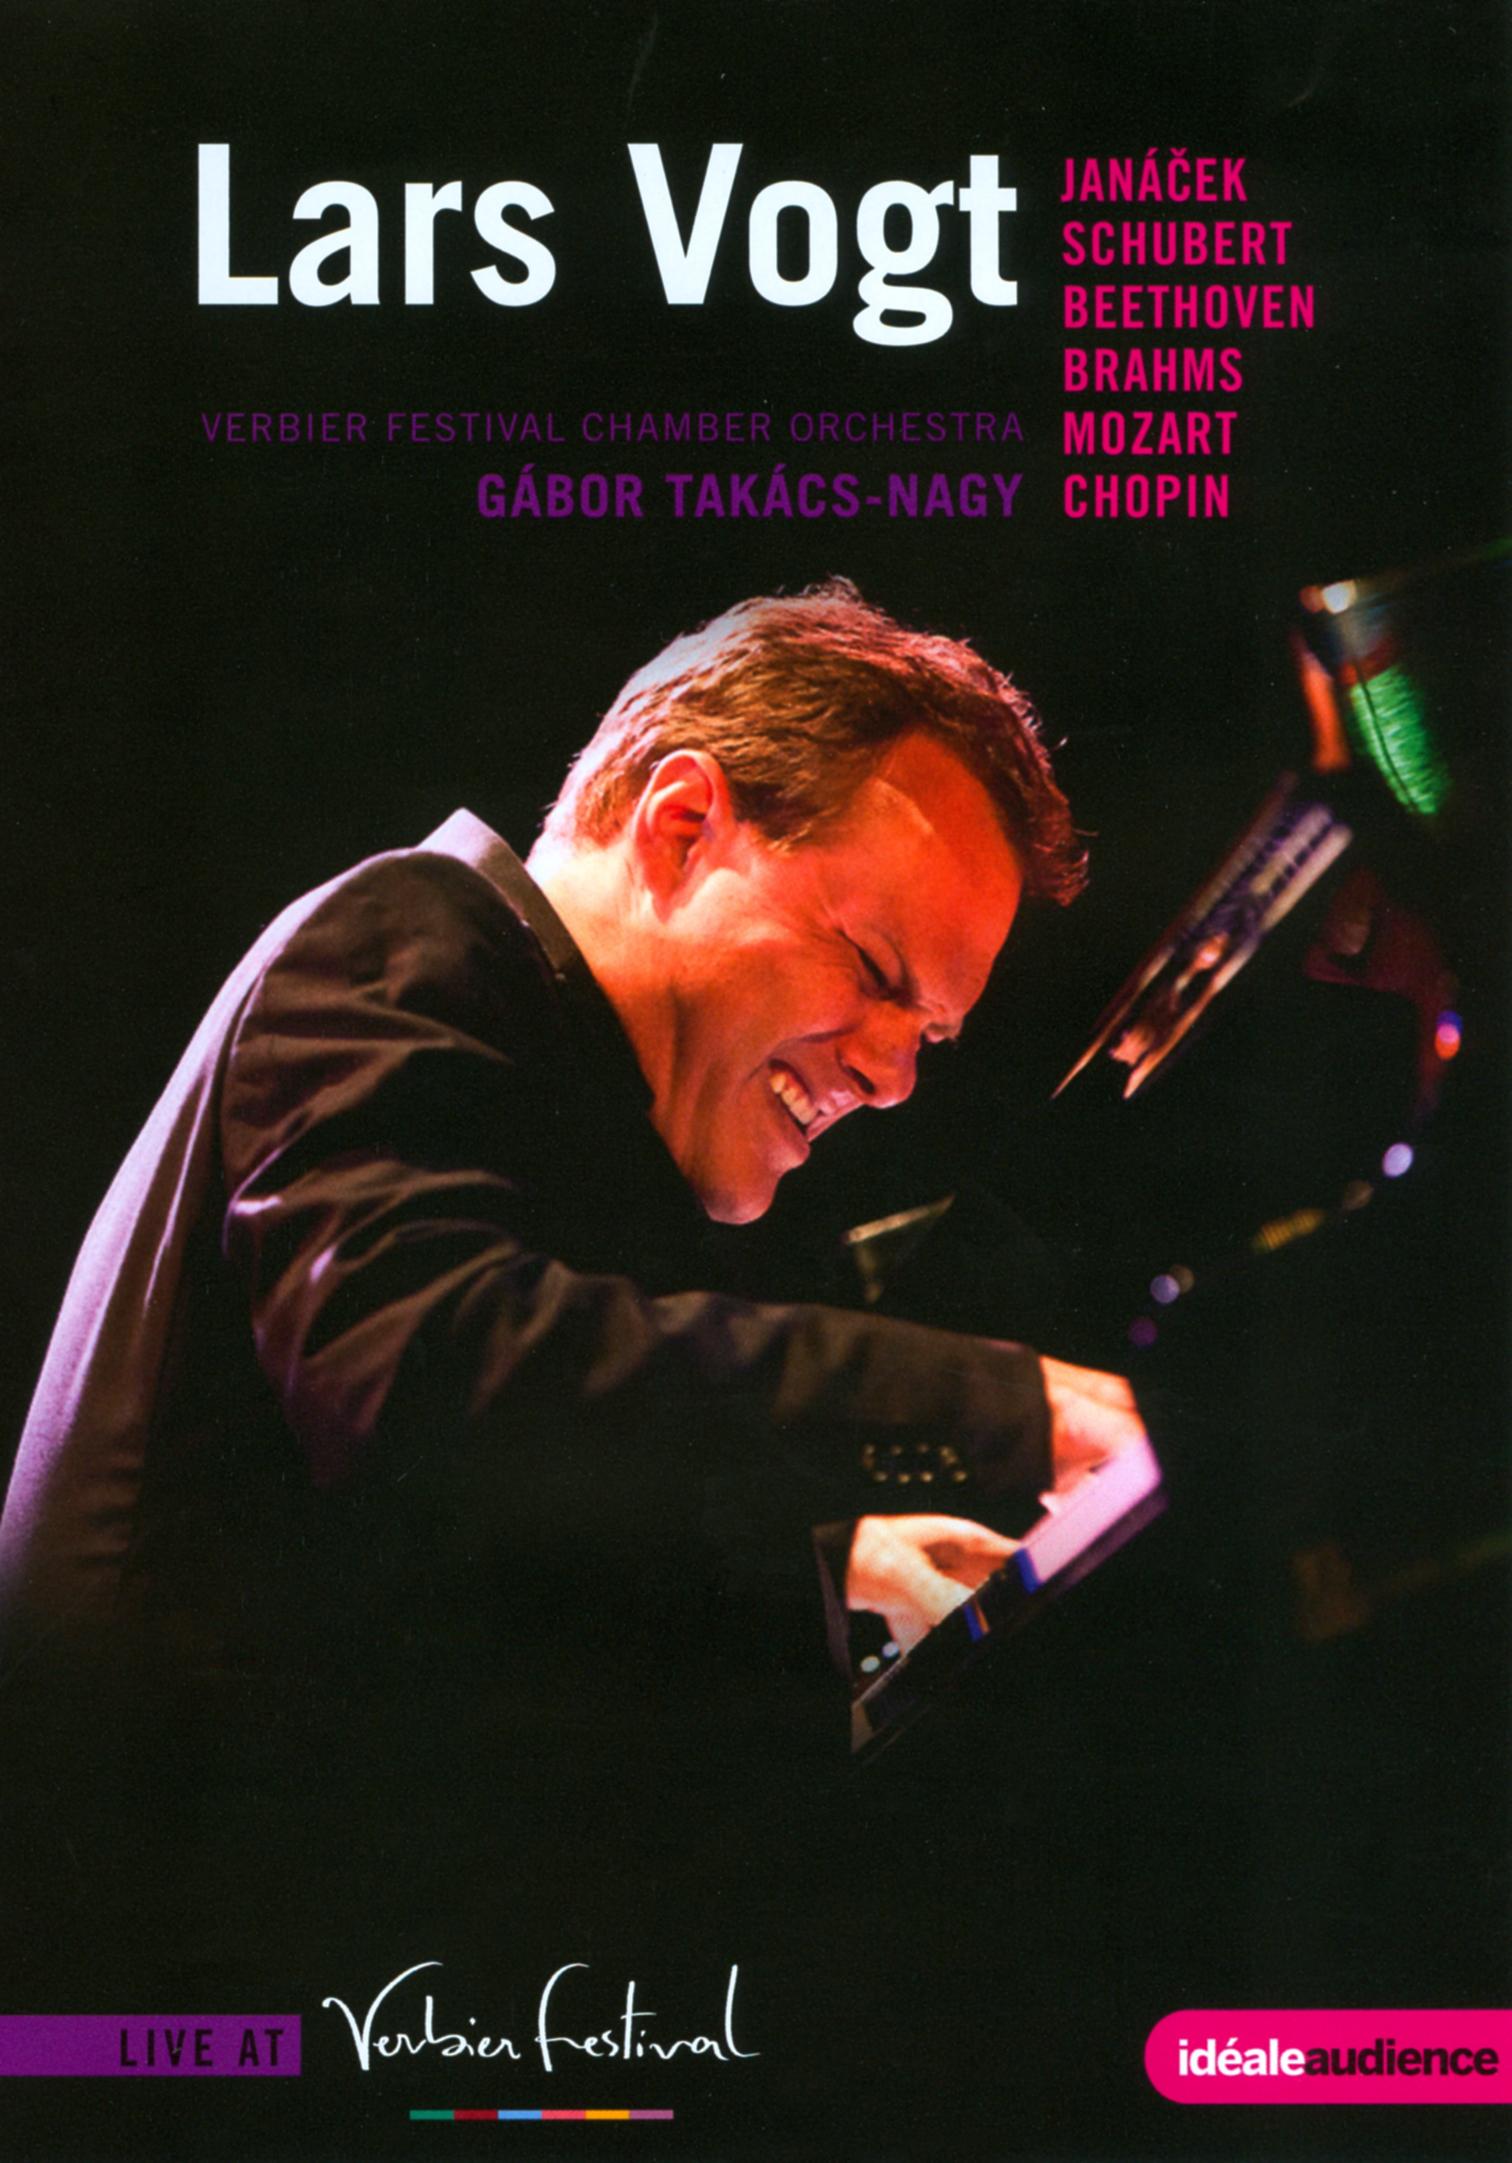 Lars Vogt: Live at Verbier Festival